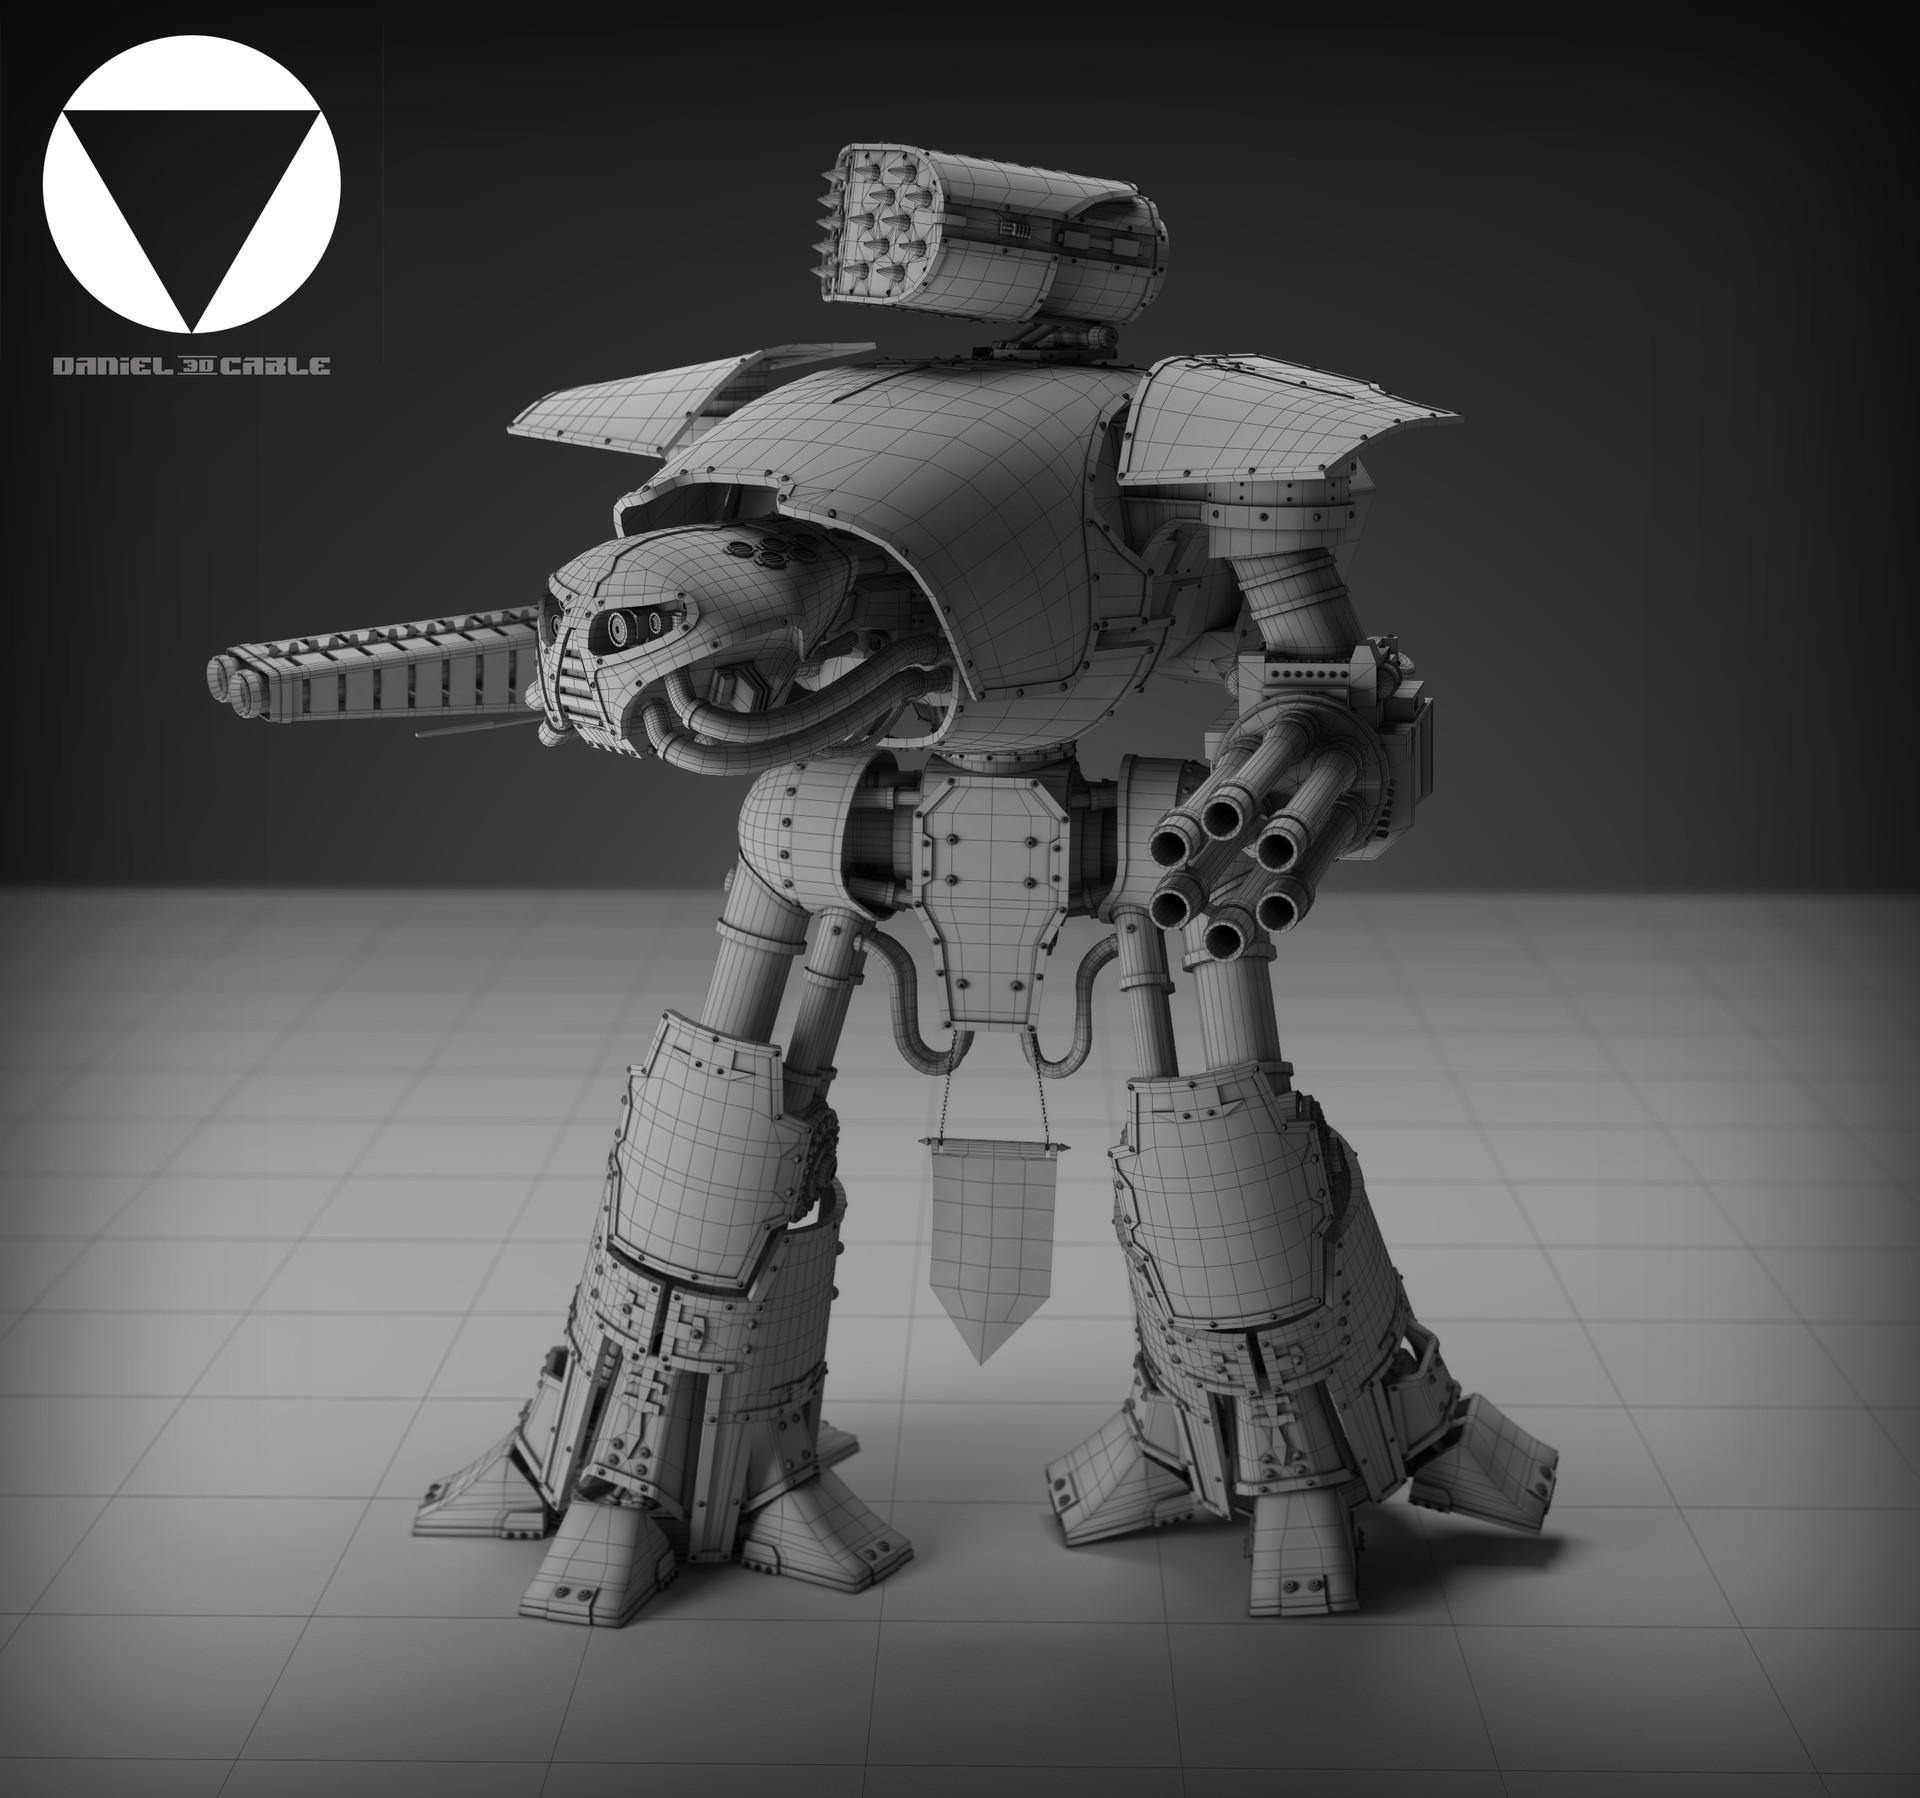 ArtStation - Warhammer 40K Reaver Titan, Dan Cable